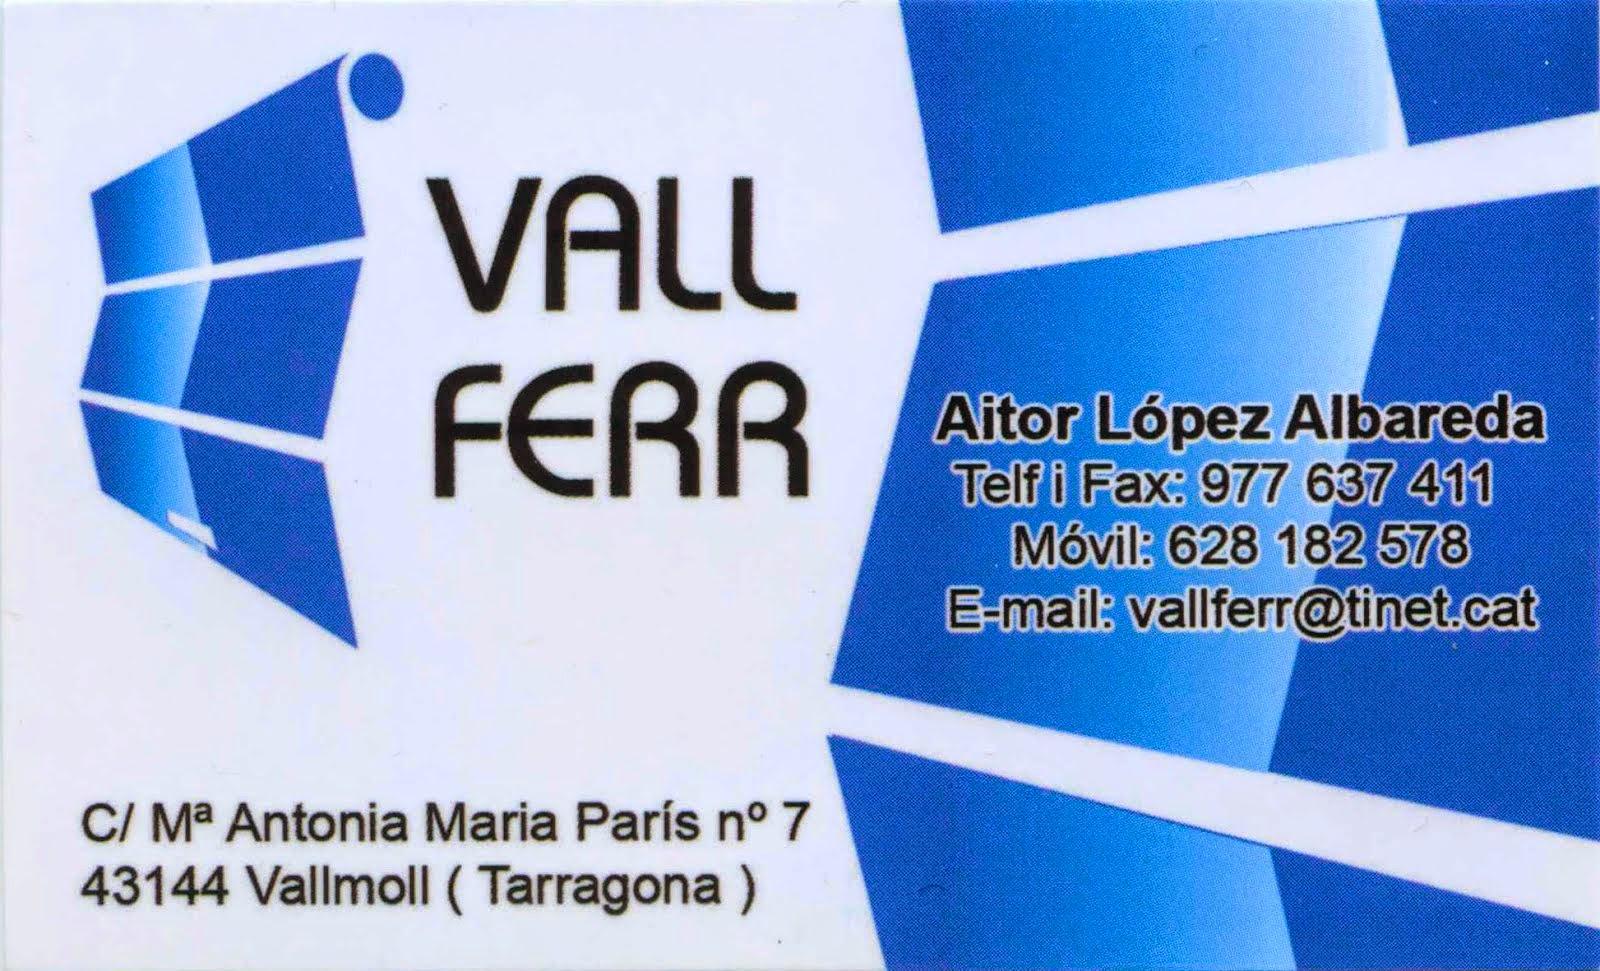 VALL-FERR